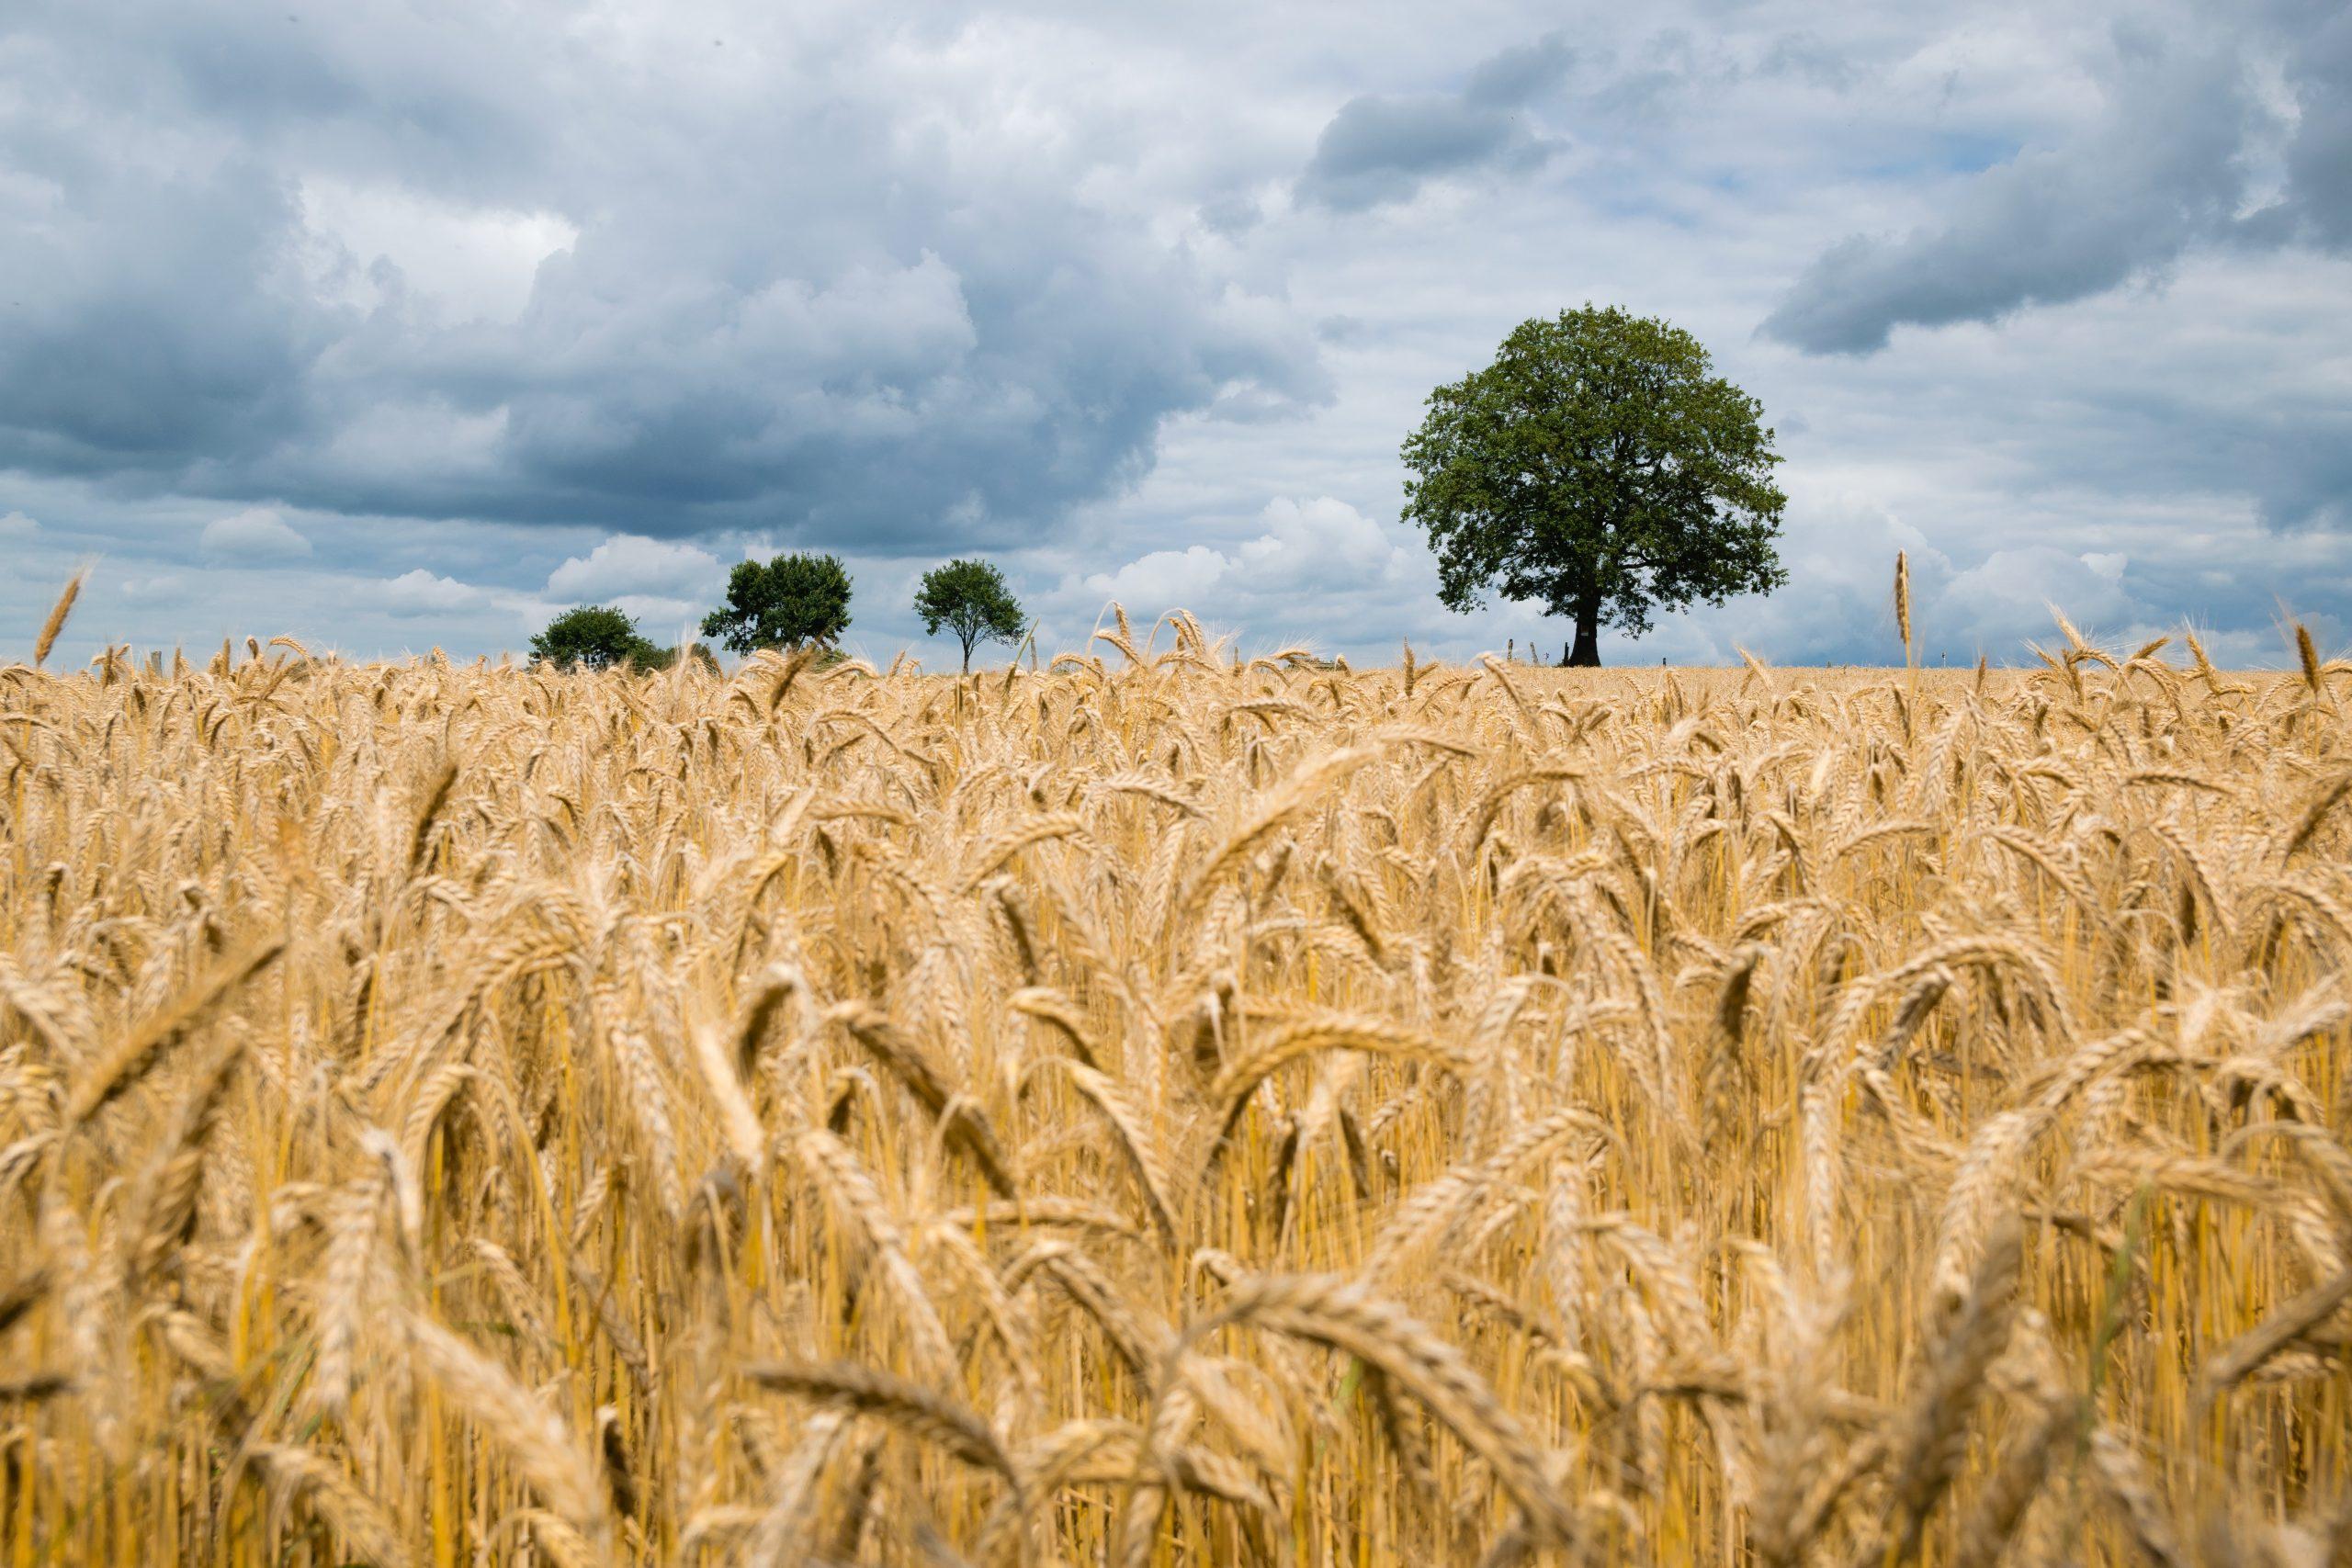 David Clarinval demande à l'Union européenne des règles du jeu équitables dans tous ses accords commerciaux et qu'une attention très particulière soit accordée à l'agriculture